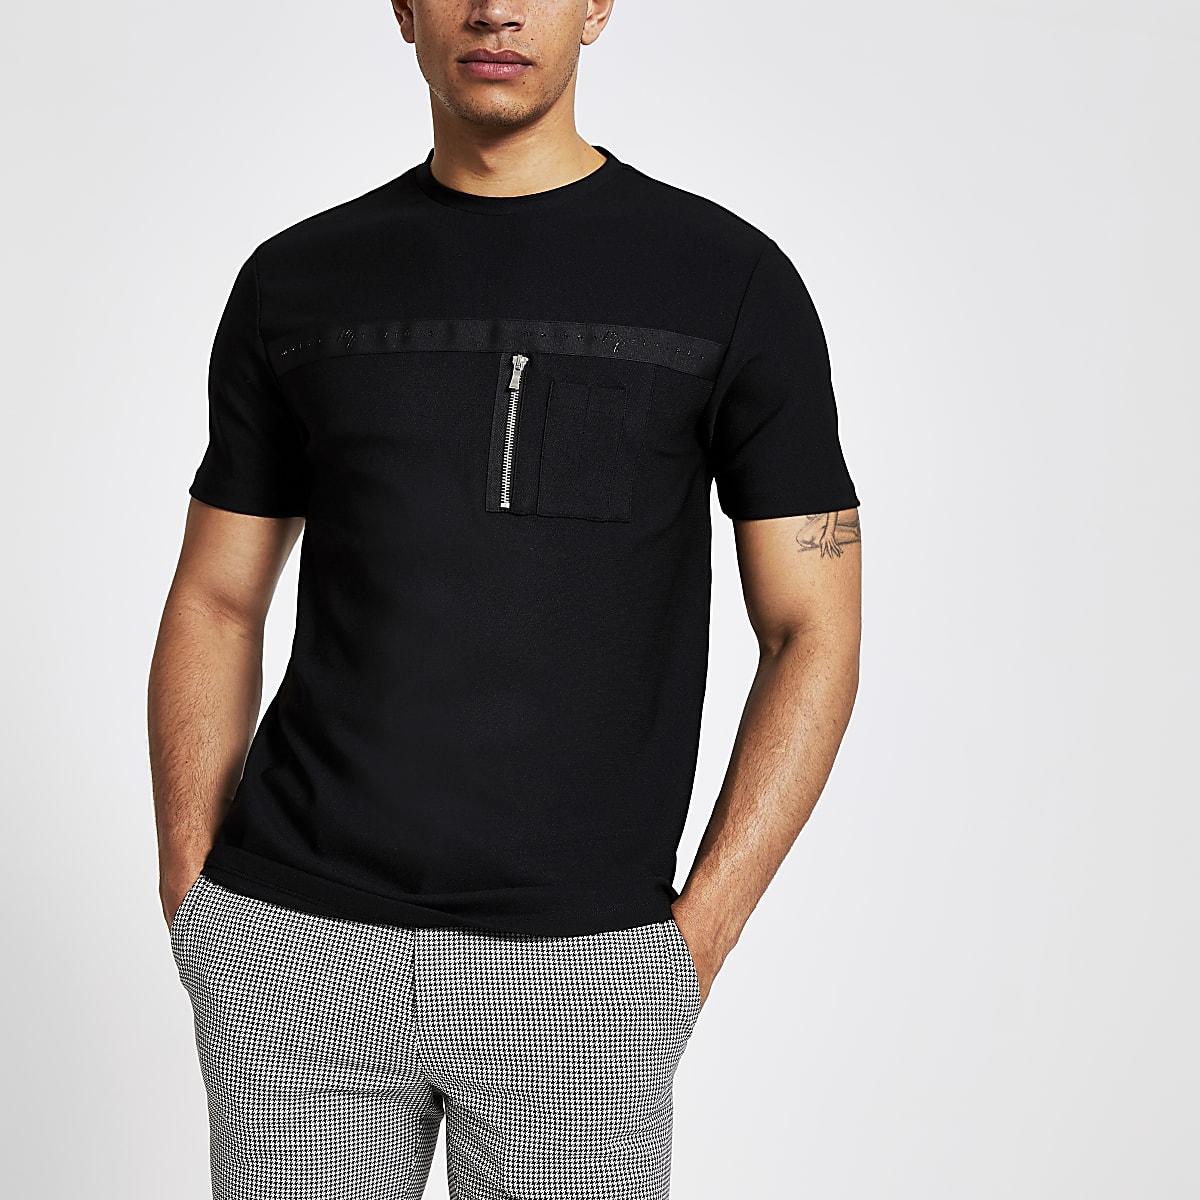 Black slim fit utility T-shirt